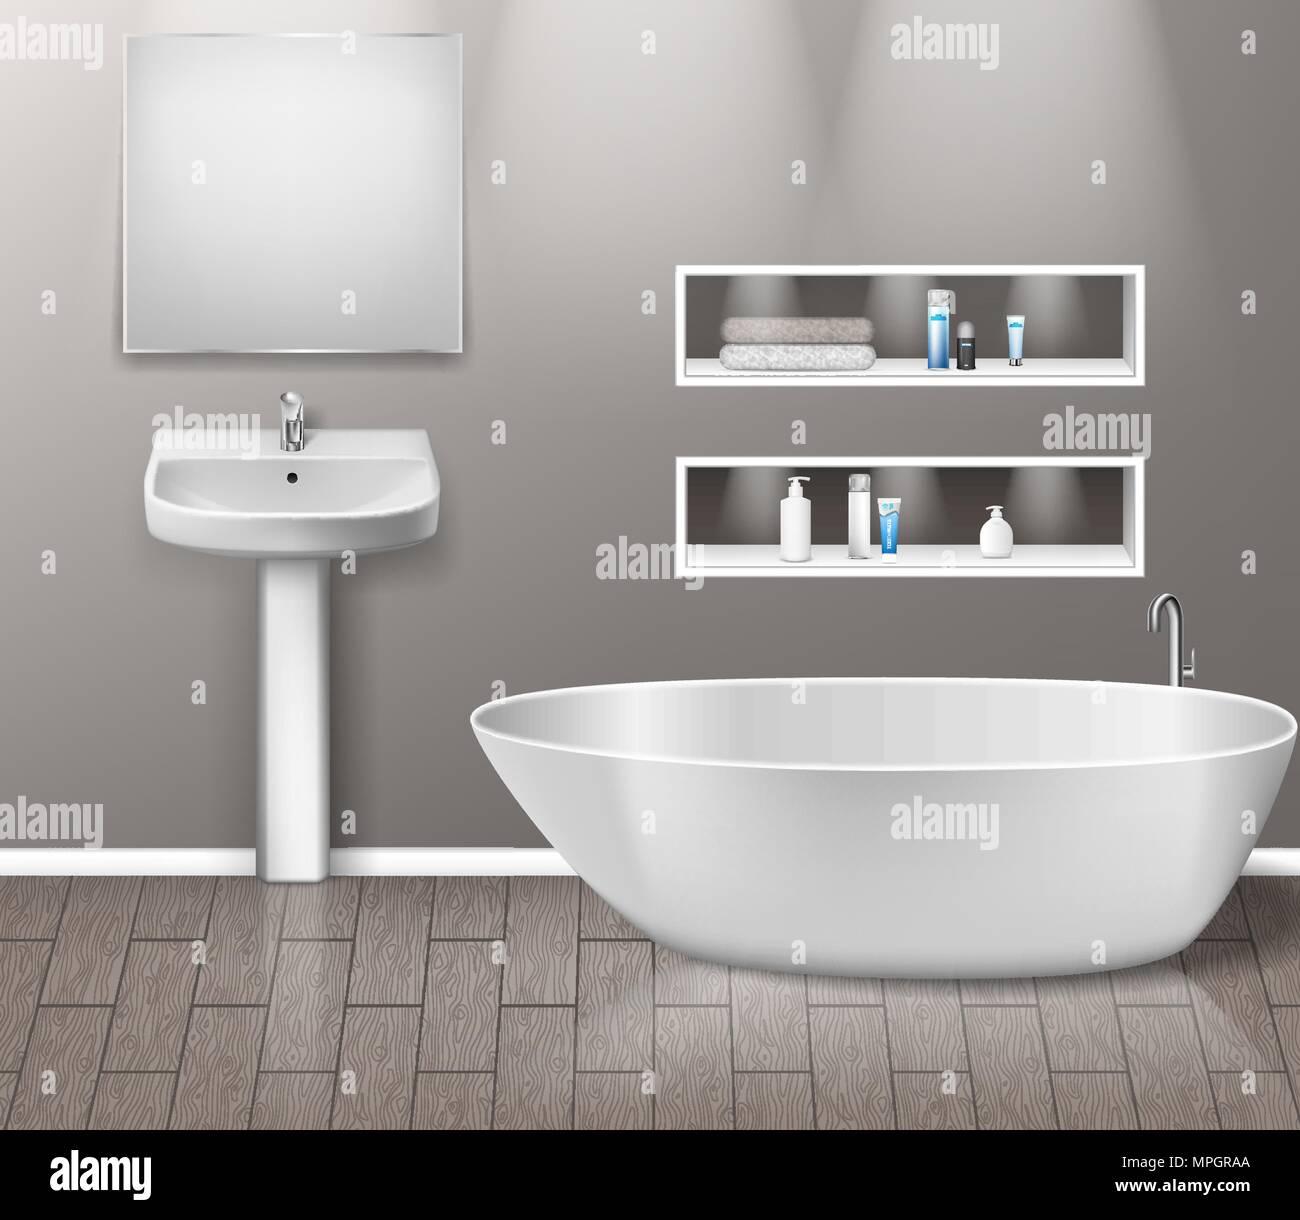 Realistische Badezimmer Möbel Interieur mit modernen Badezimmer ...